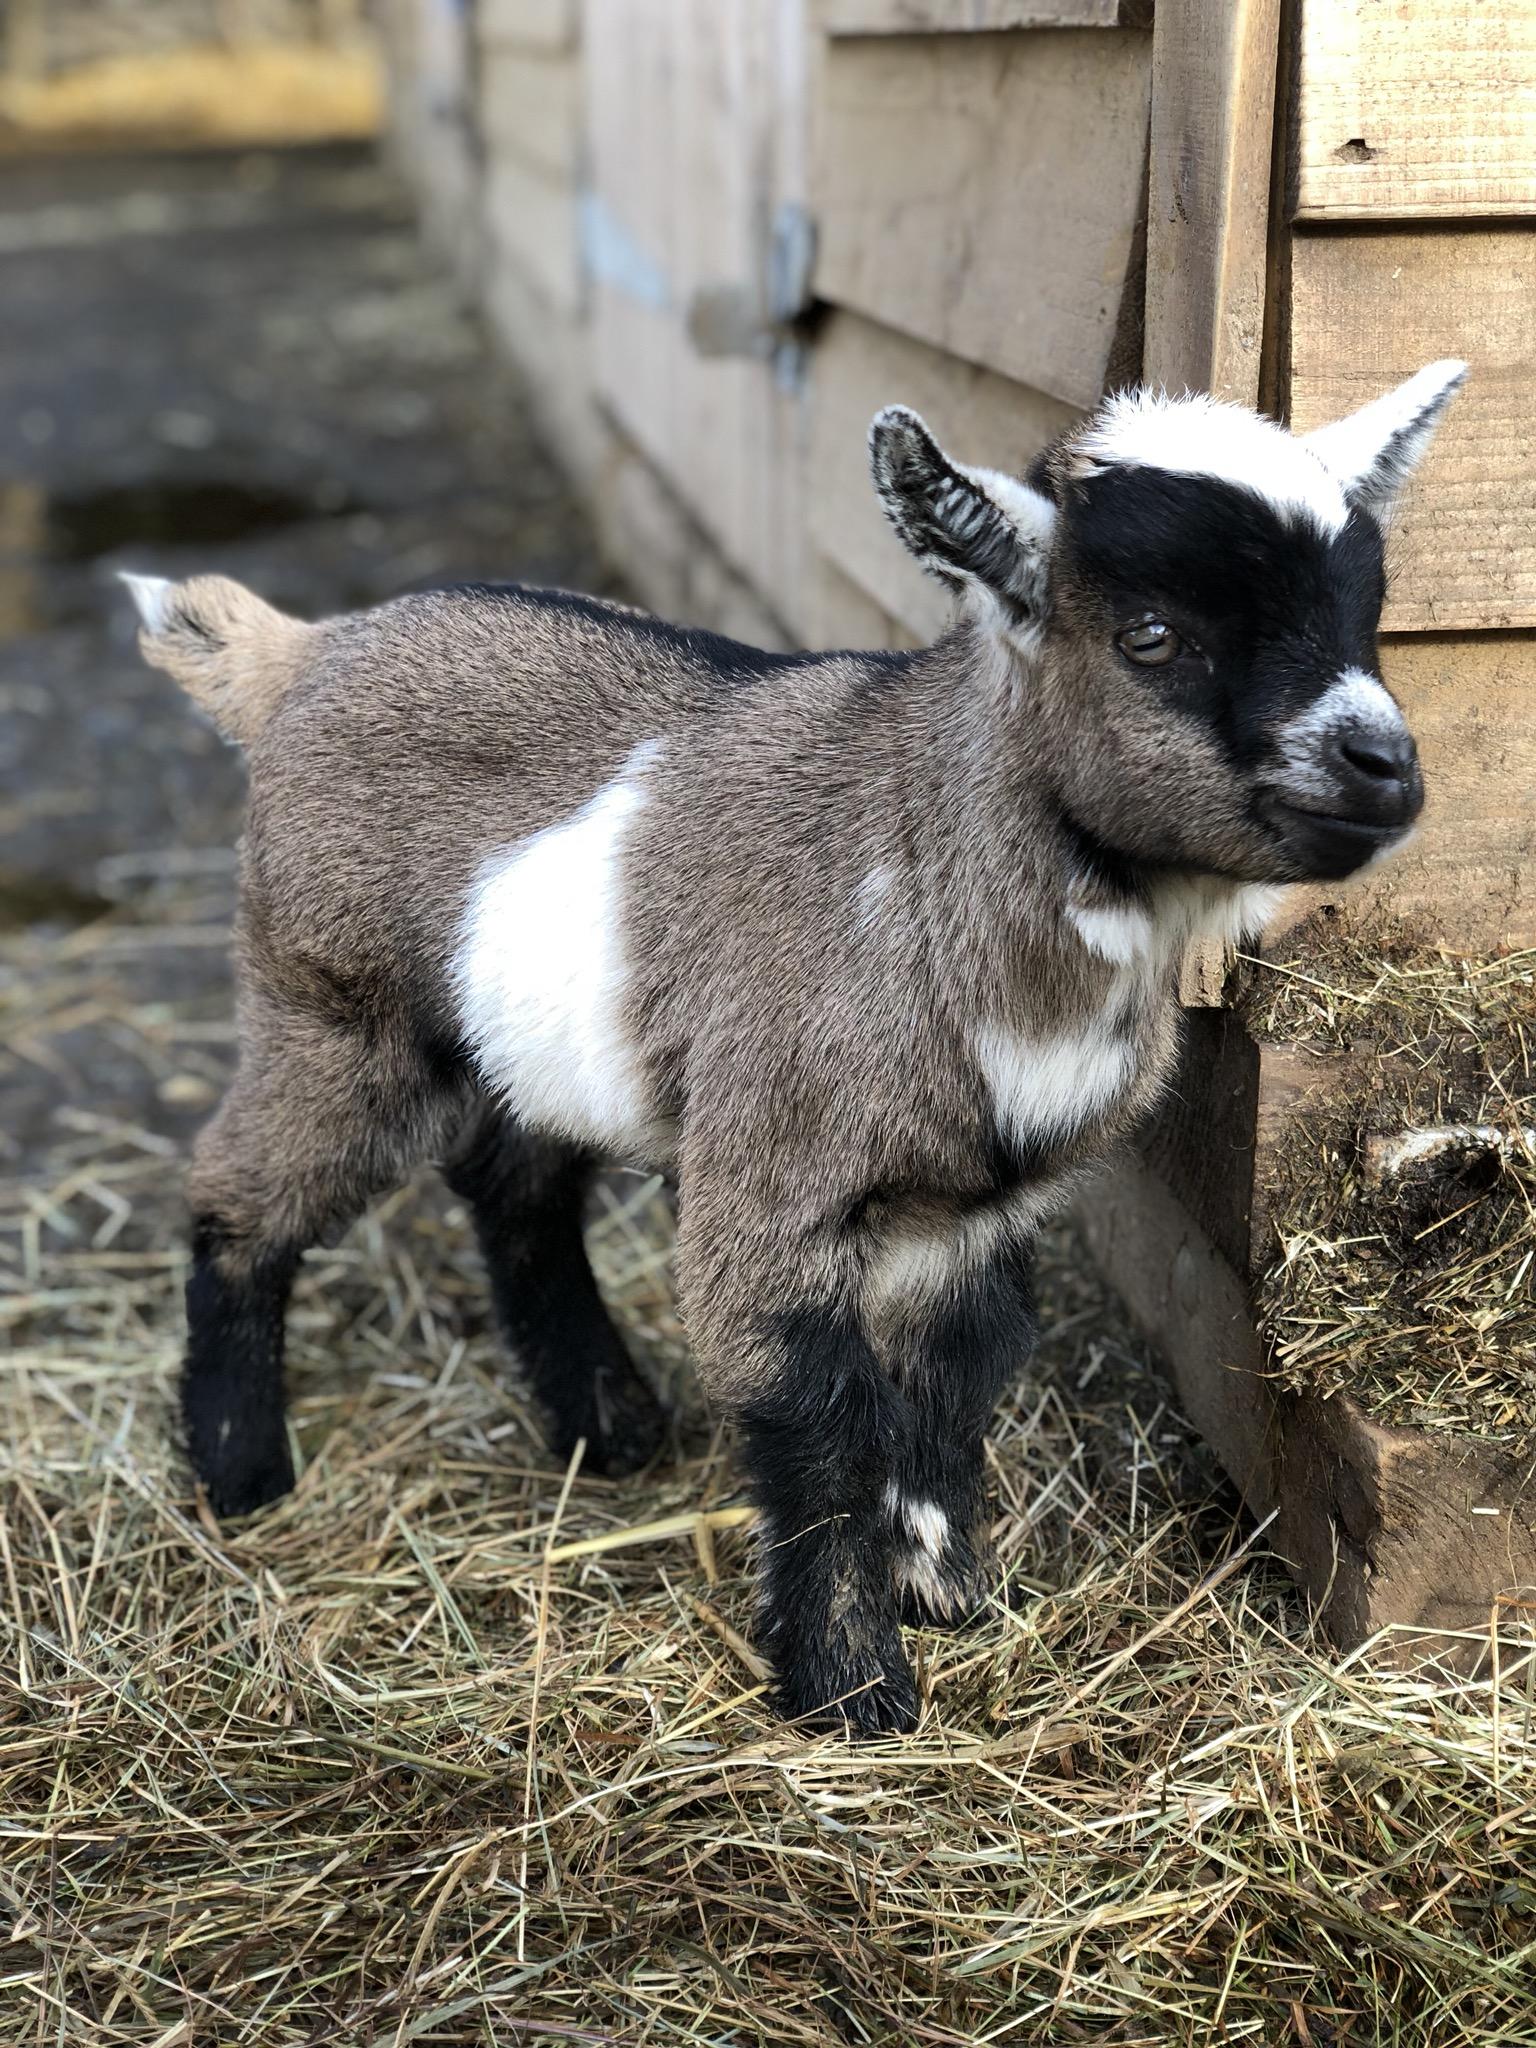 garricks goats